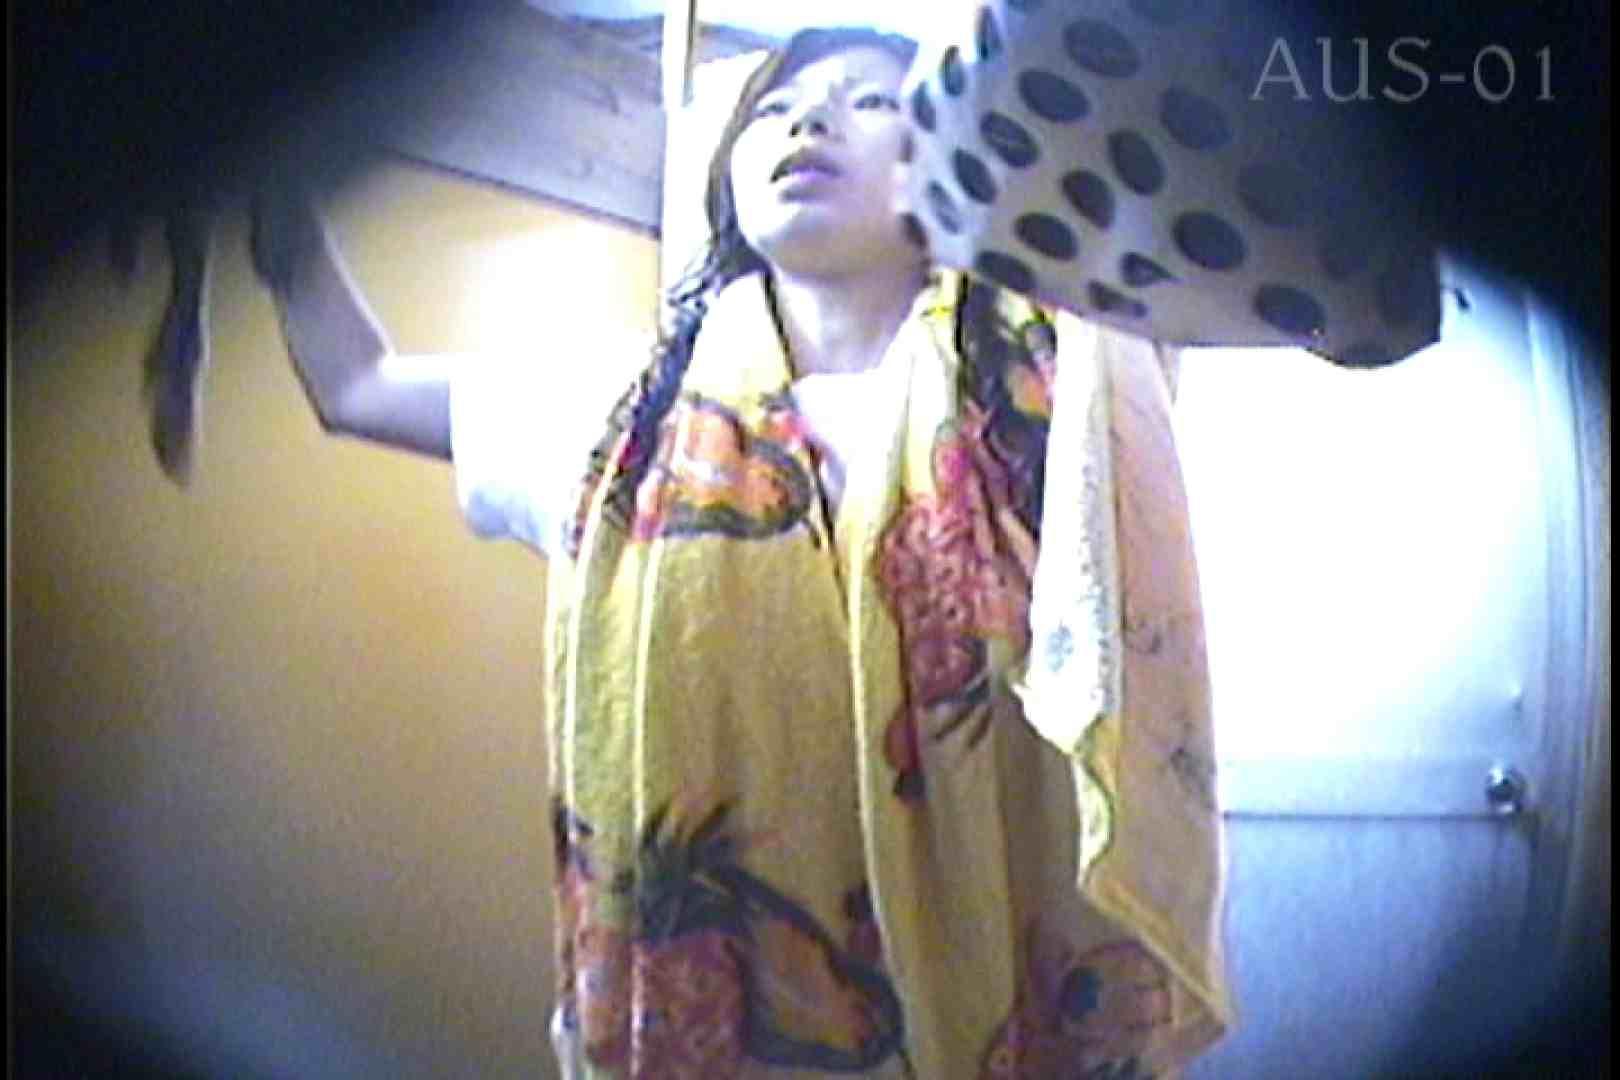 海の家の更衣室 Vol.01 美女のボディ セックス画像 105PIX 23